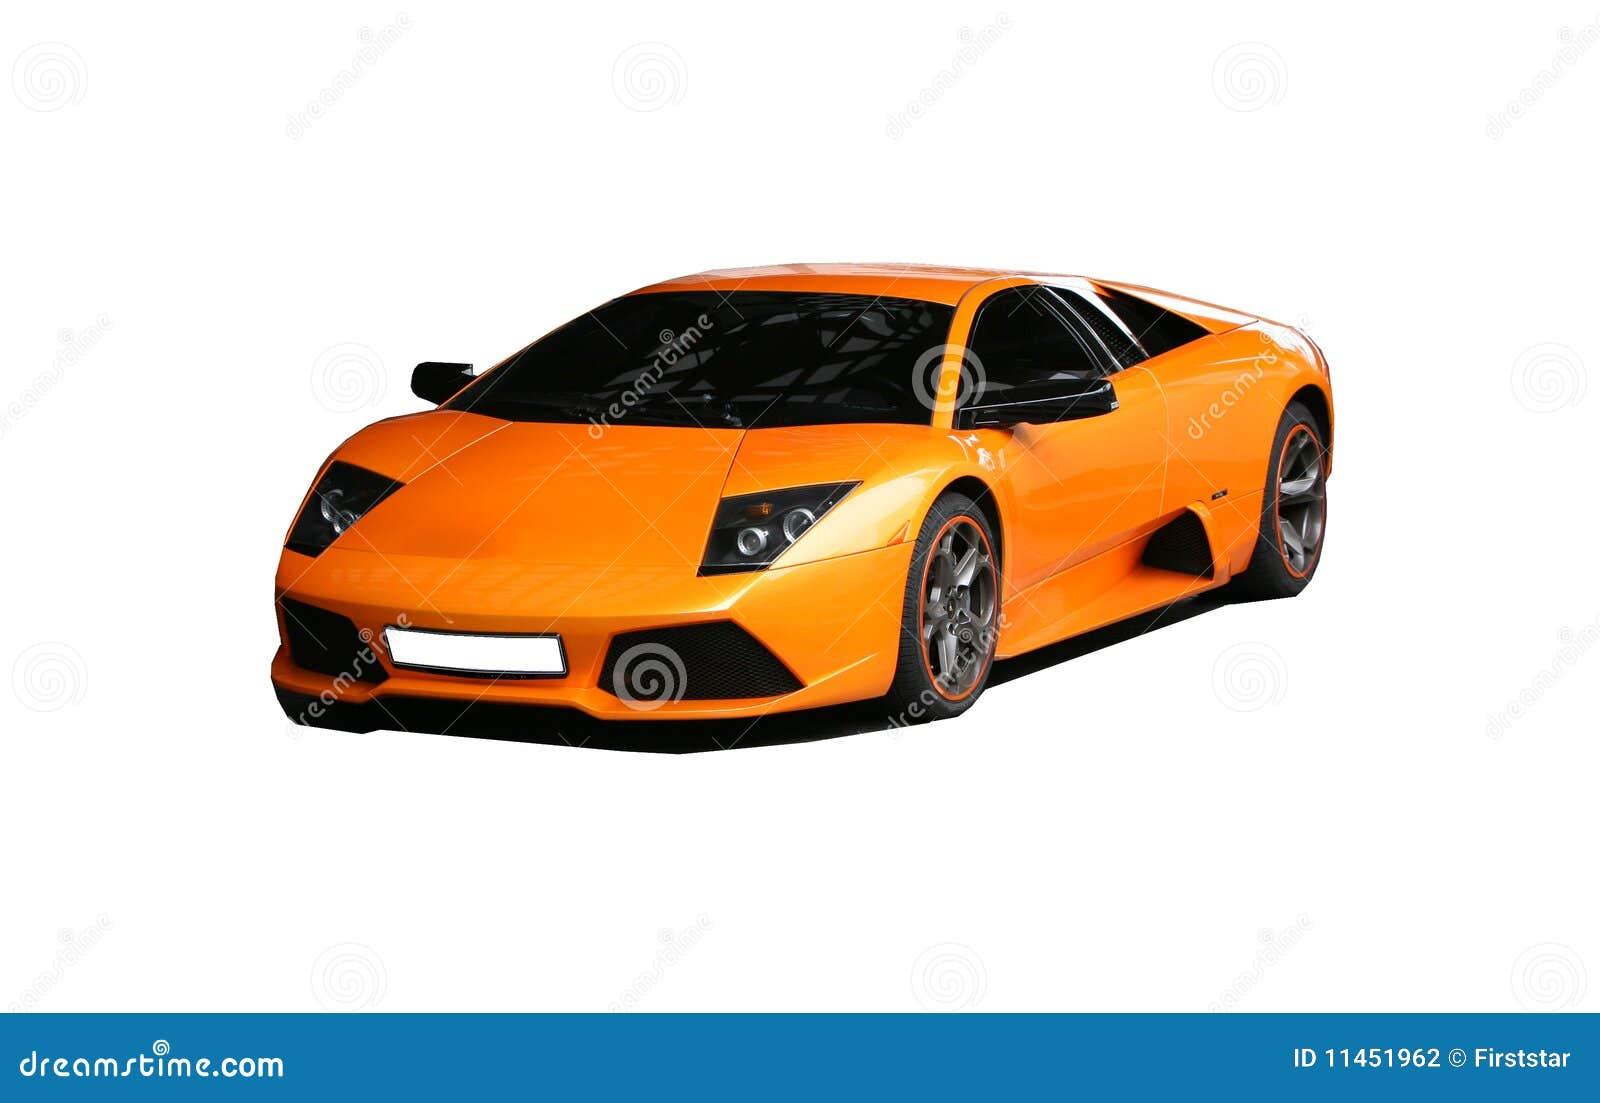 Sports Orange Car Stock Photography Image 11451962